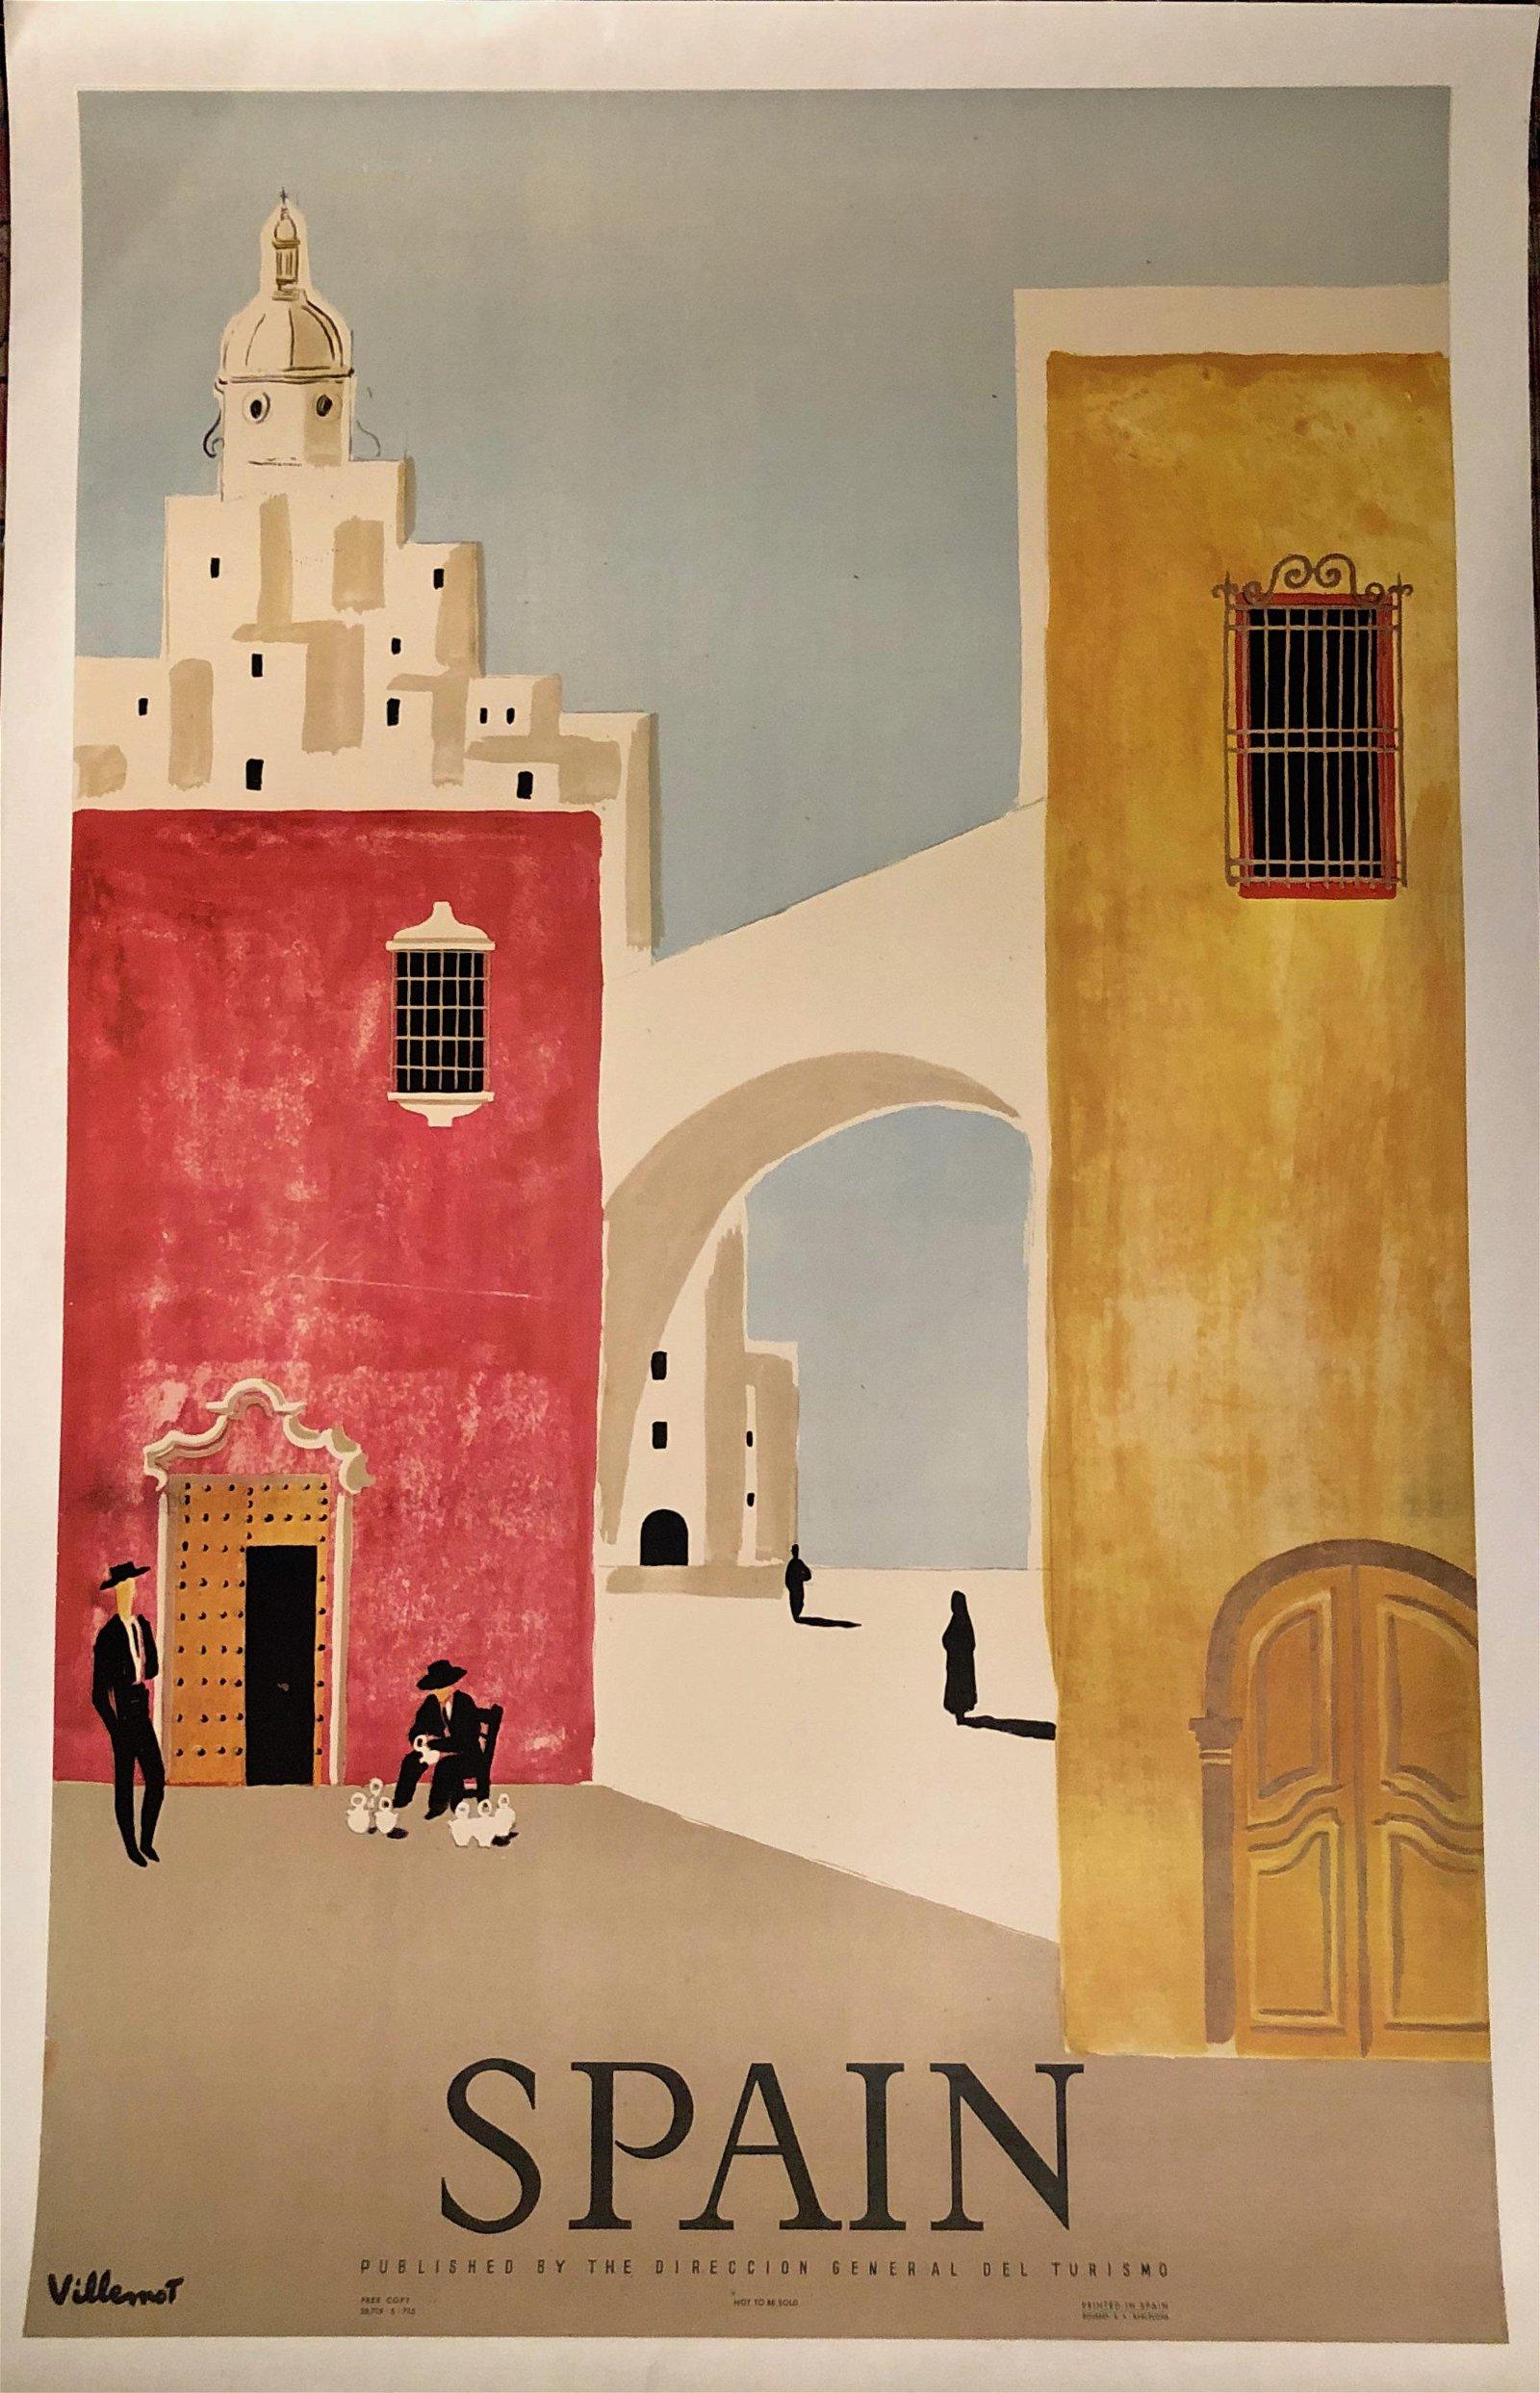 Original Vintage Spain Travel Poster, Villemot 1950s